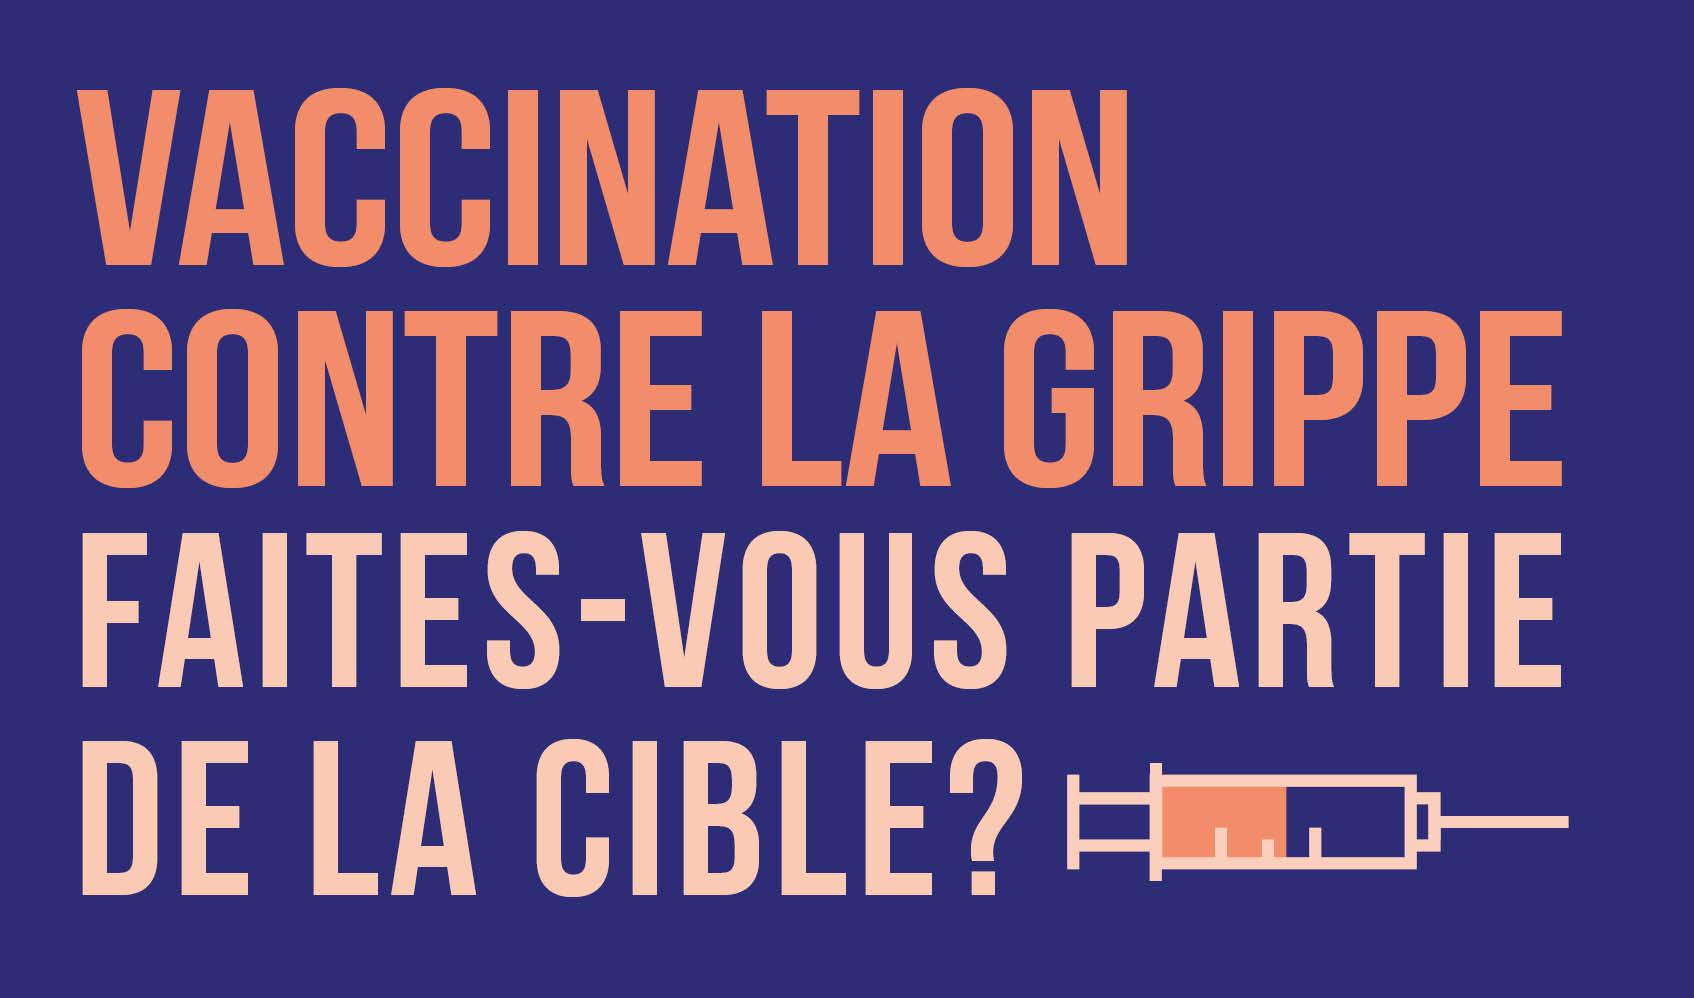 Vaccination contre la grippe, faites-vous partie de la cible?